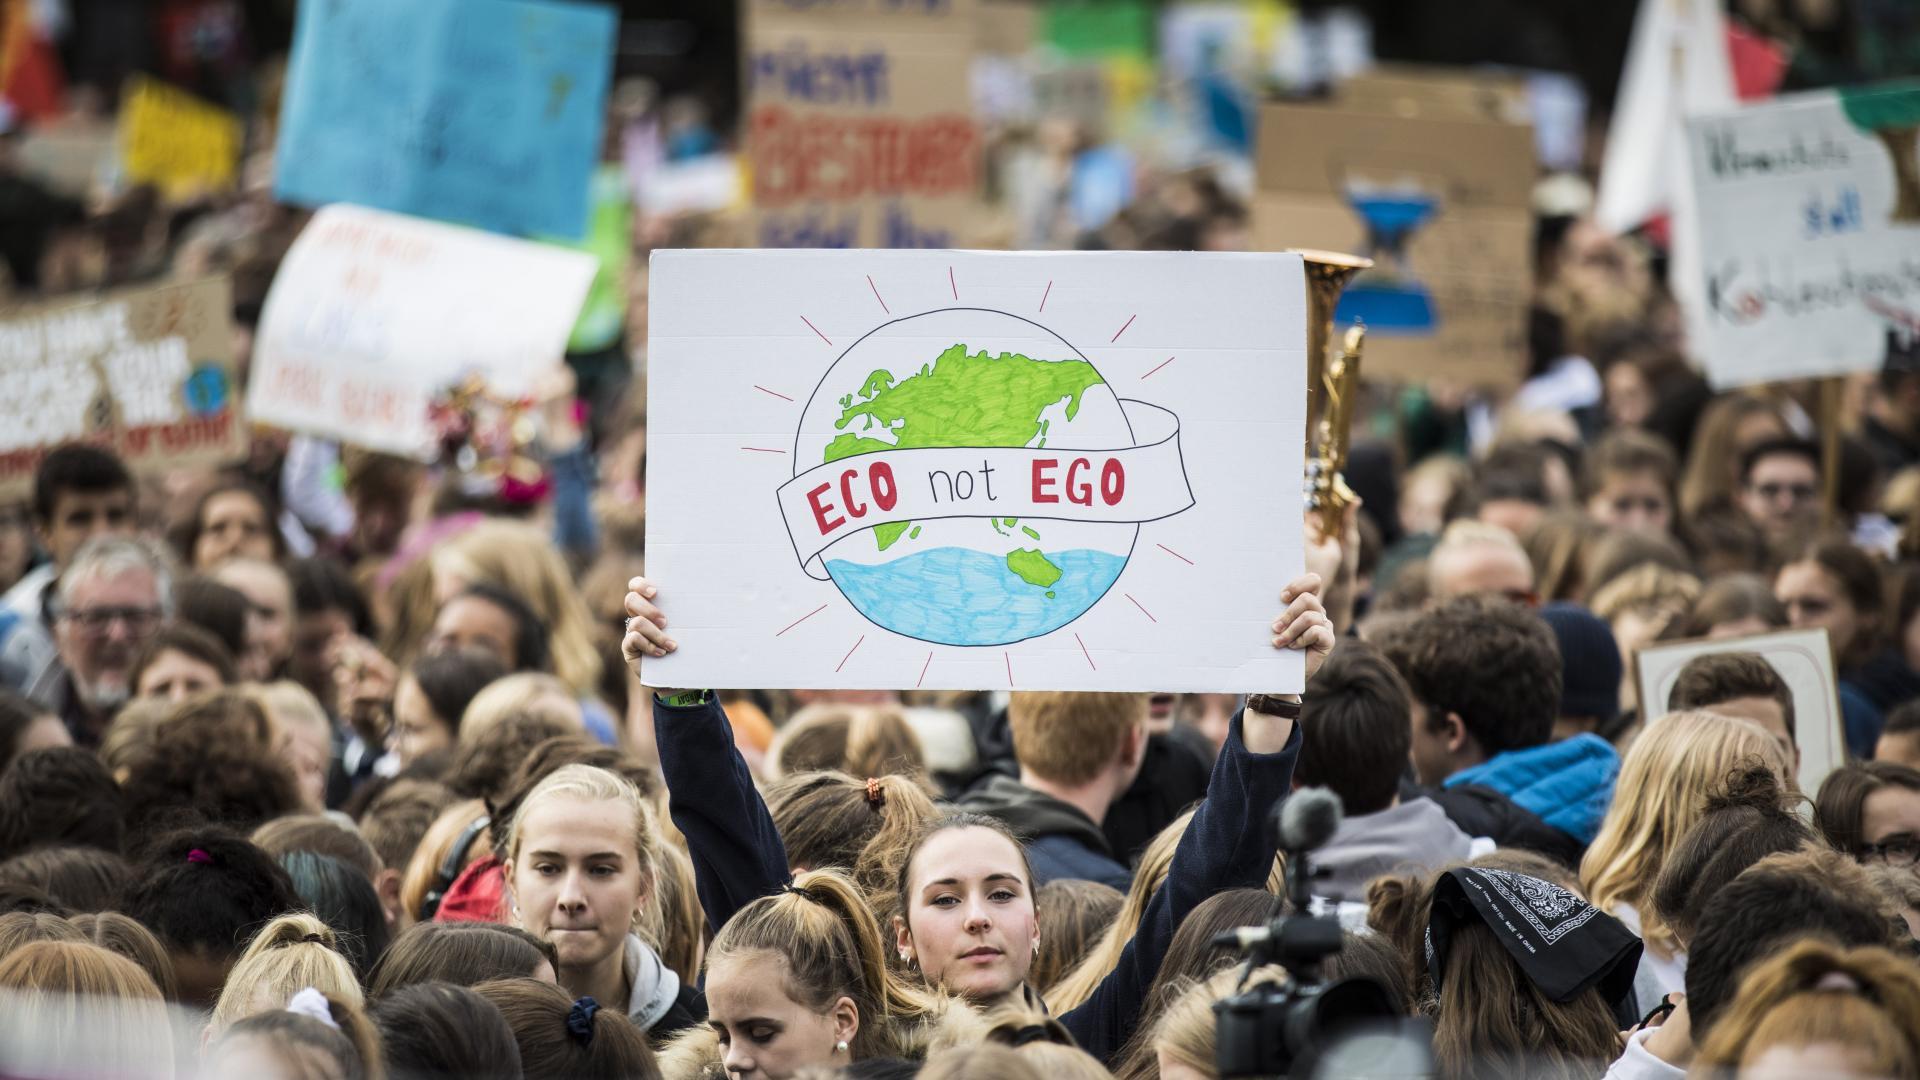 Streik für einen nachhaltigen Lifestyle